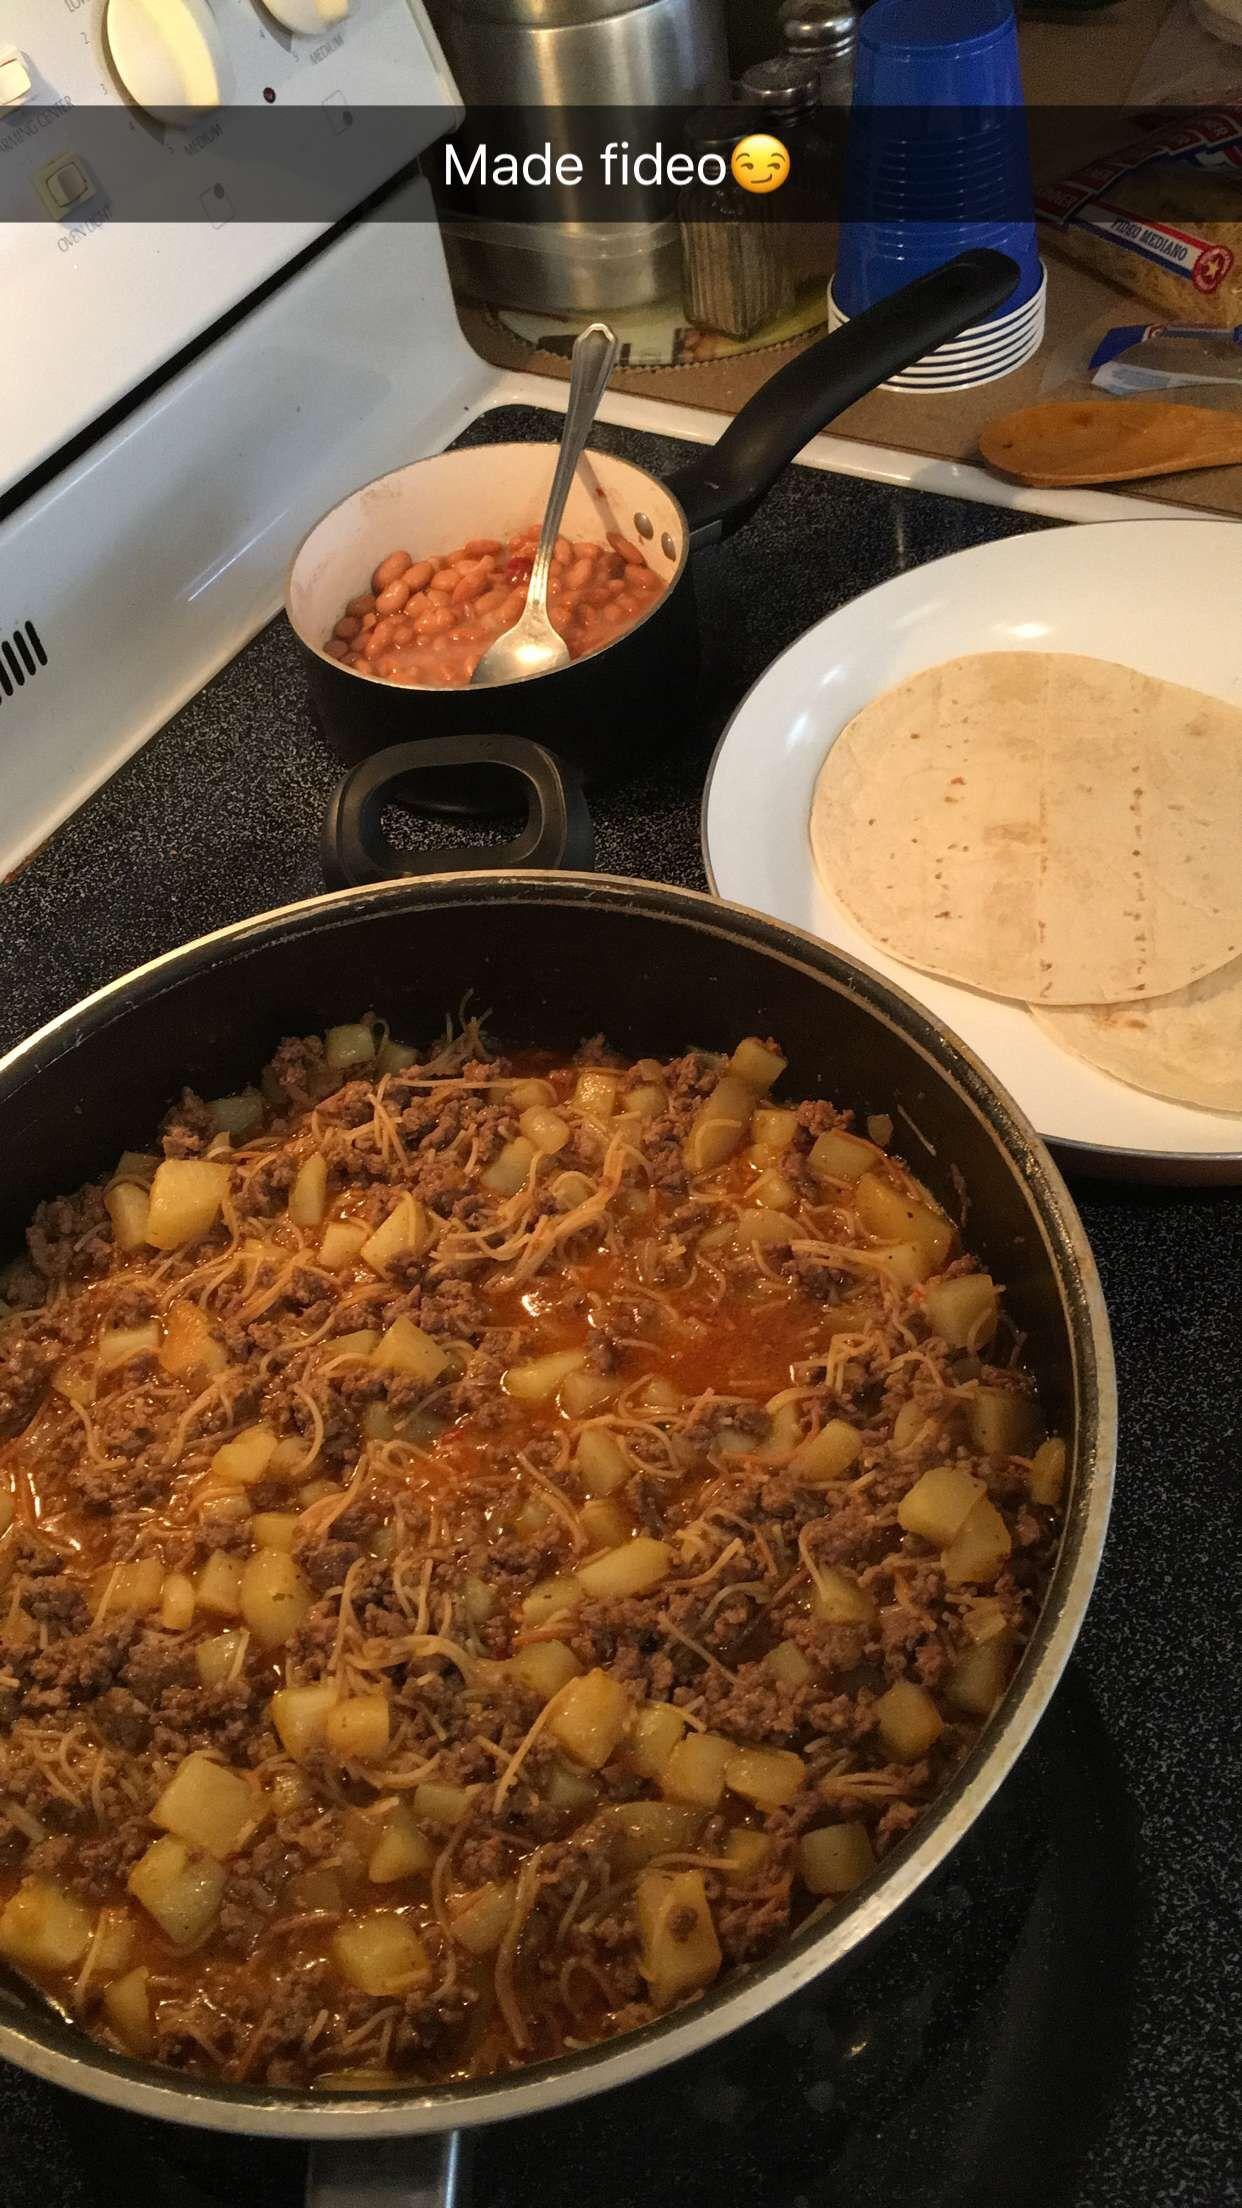 Tex-Mex Fideo Recipe  - Food.com